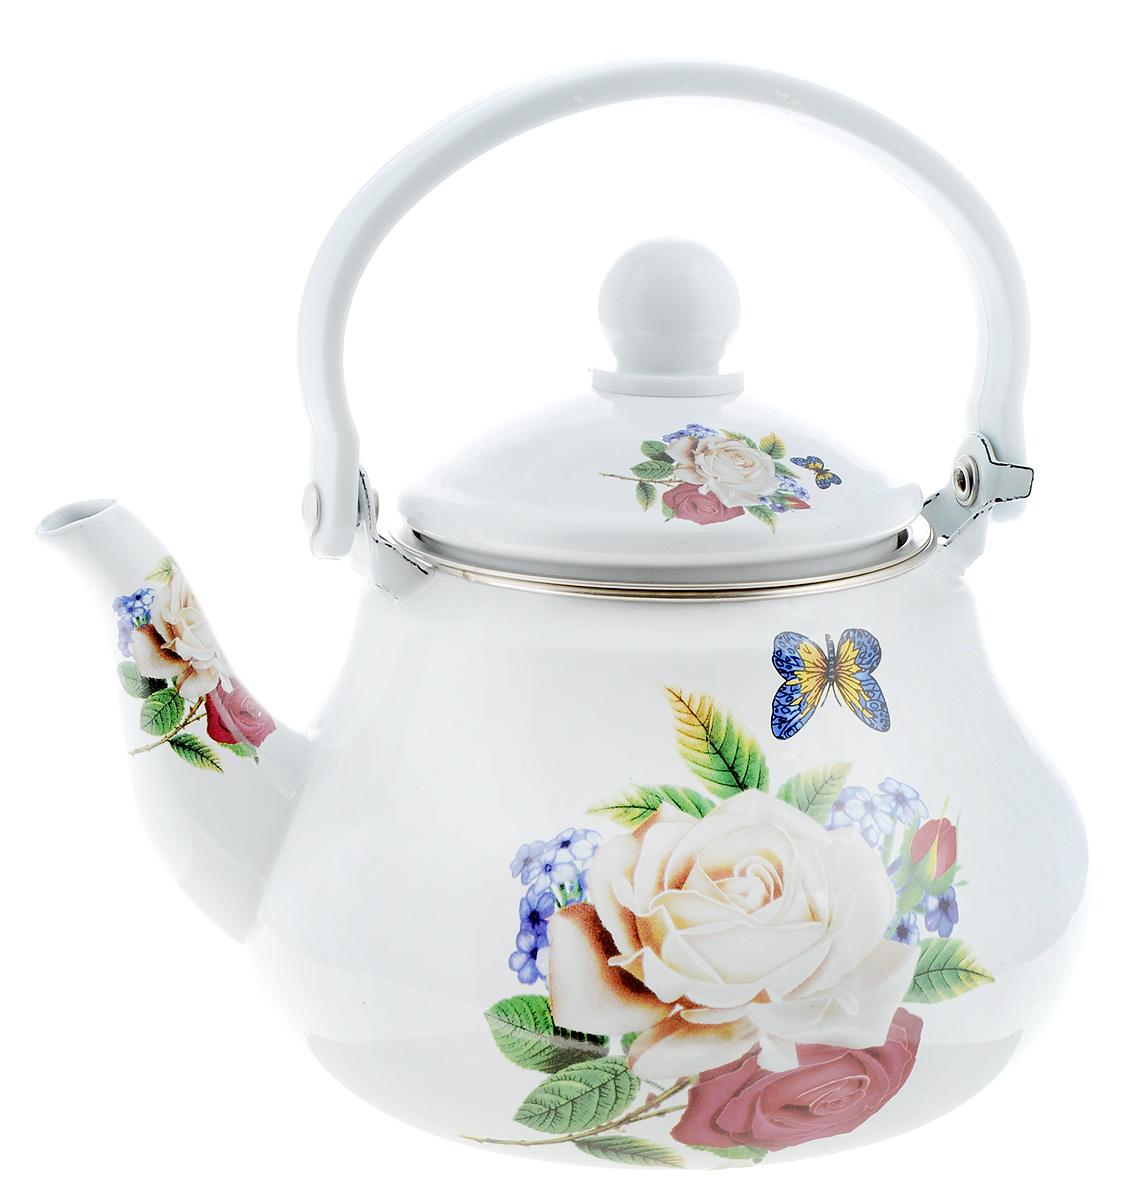 Чайник заварочный Mayer & Boch Роза, 1,5 л25619Заварочный чайник Mayer & Boch Роза изготовлен из высококачественной углеродистой стали с эмалированным покрытием. Такое покрытие защищает сталь от коррозии, придает посуде гладкую стекловидную поверхность и надежно защищает от кислот и щелочей. Изделие прекрасно подходит для заваривания вкусного и ароматного чая, травяных настоев. Чайник оснащен сетчатым фильтром, который задерживает чаинки и предотвращает их попадание в чашку. Оригинальный дизайн сделает чайник настоящим украшением стола. Он удобен в использовании и понравится каждому. Подходит для использования на газовых, стеклокерамических, электрических, галогеновых и индукционных плитах. Можно мыть в посудомоечной машине. Диаметр чайника (по верхнему краю): 9,5 см. Высота чайника (без учета крышки): 11 см.Толщина стенок: 8 мм.